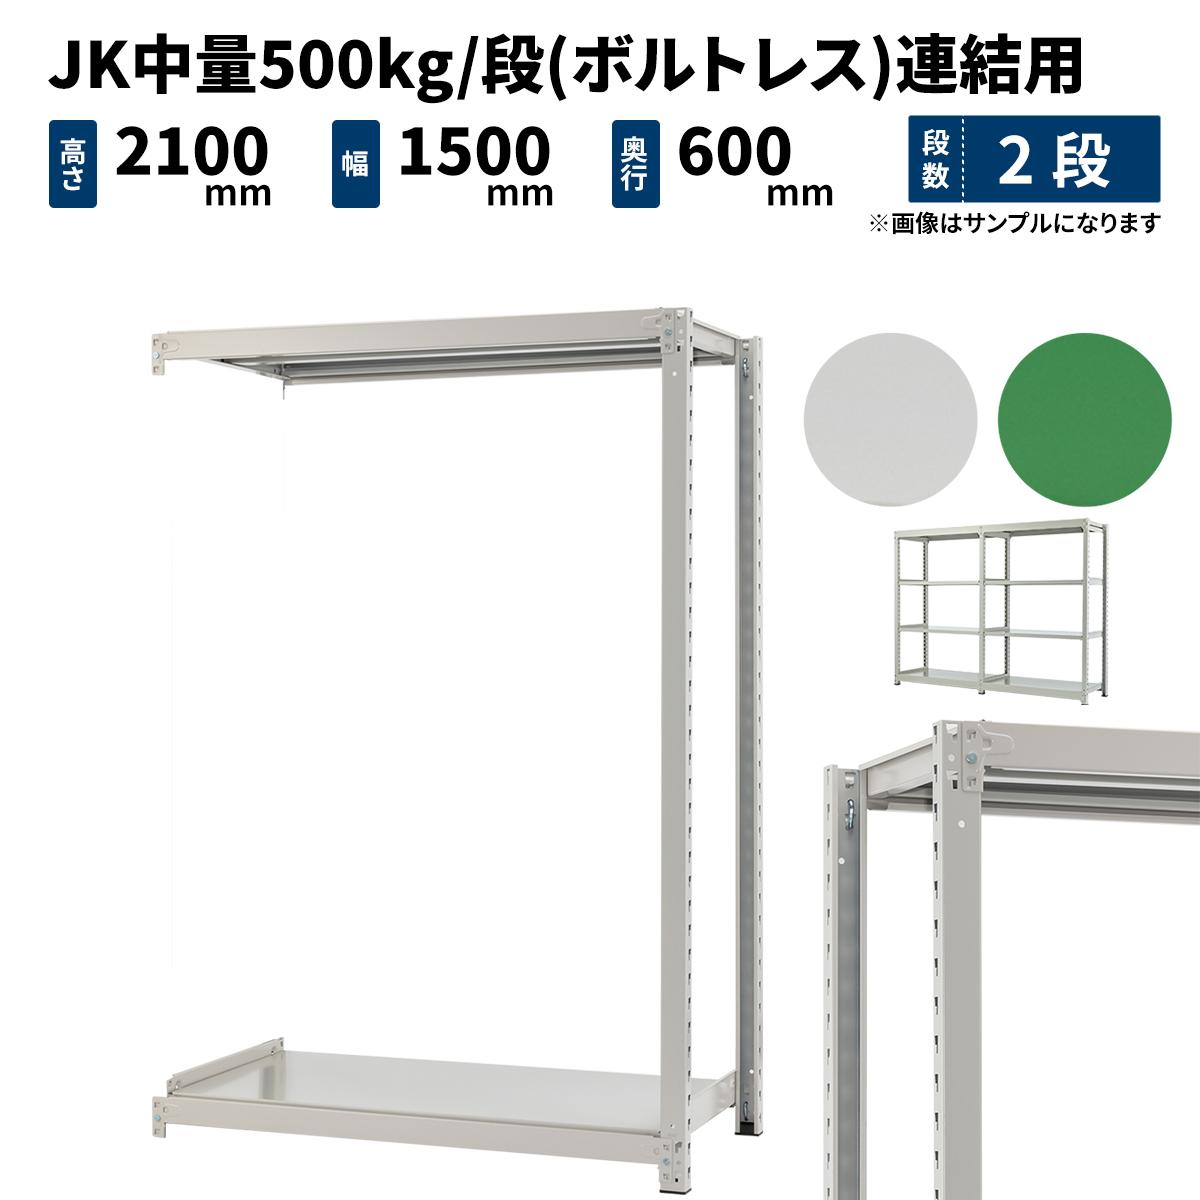 スチールラック 業務用 JK中量500kg/段(ボルトレス) 連結形式 高さ2100×幅1500×奥行600mm 2段 ホワイトグレー/グリーン (44kg) JK500_R-211506-2